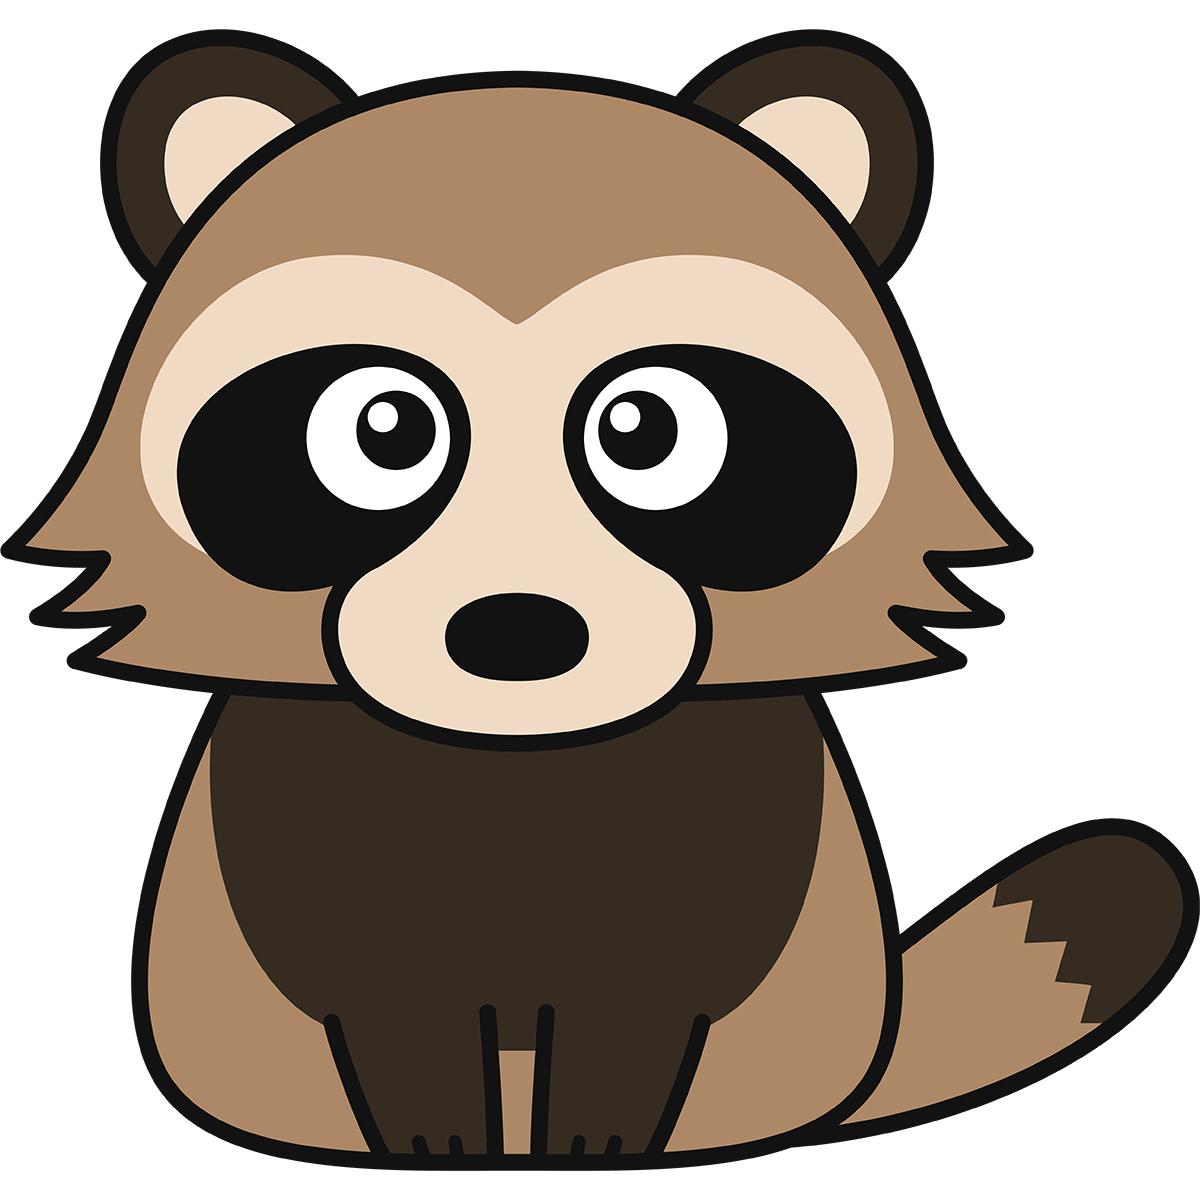 タヌキ(狸)の無料イラスト